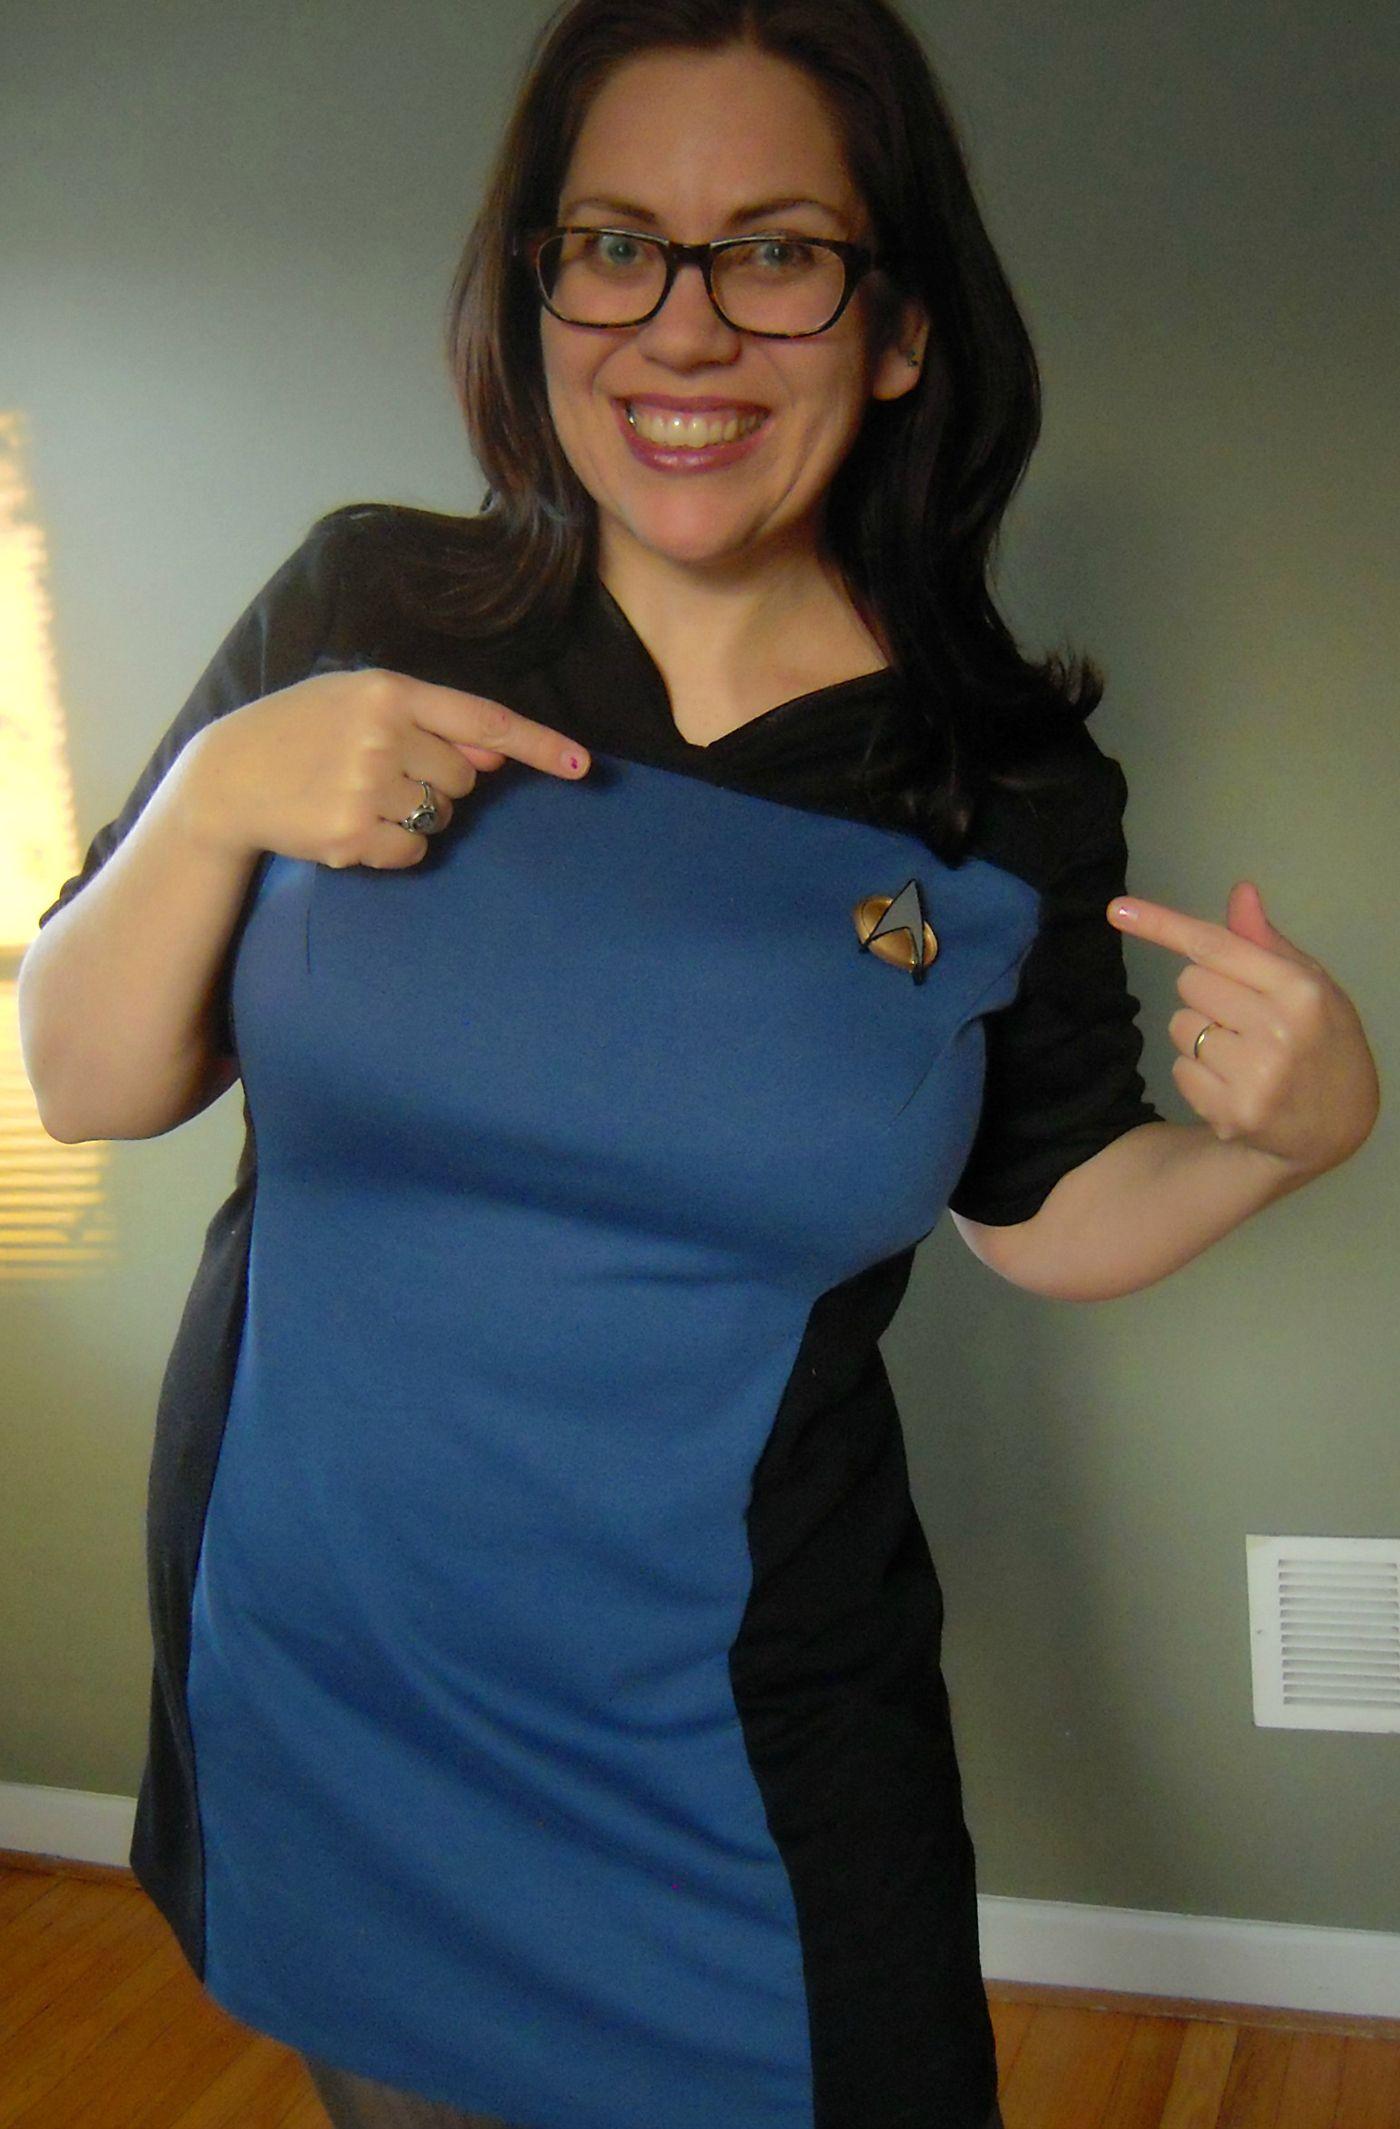 Star Trek Online Nude Mods: The Nudist Generation